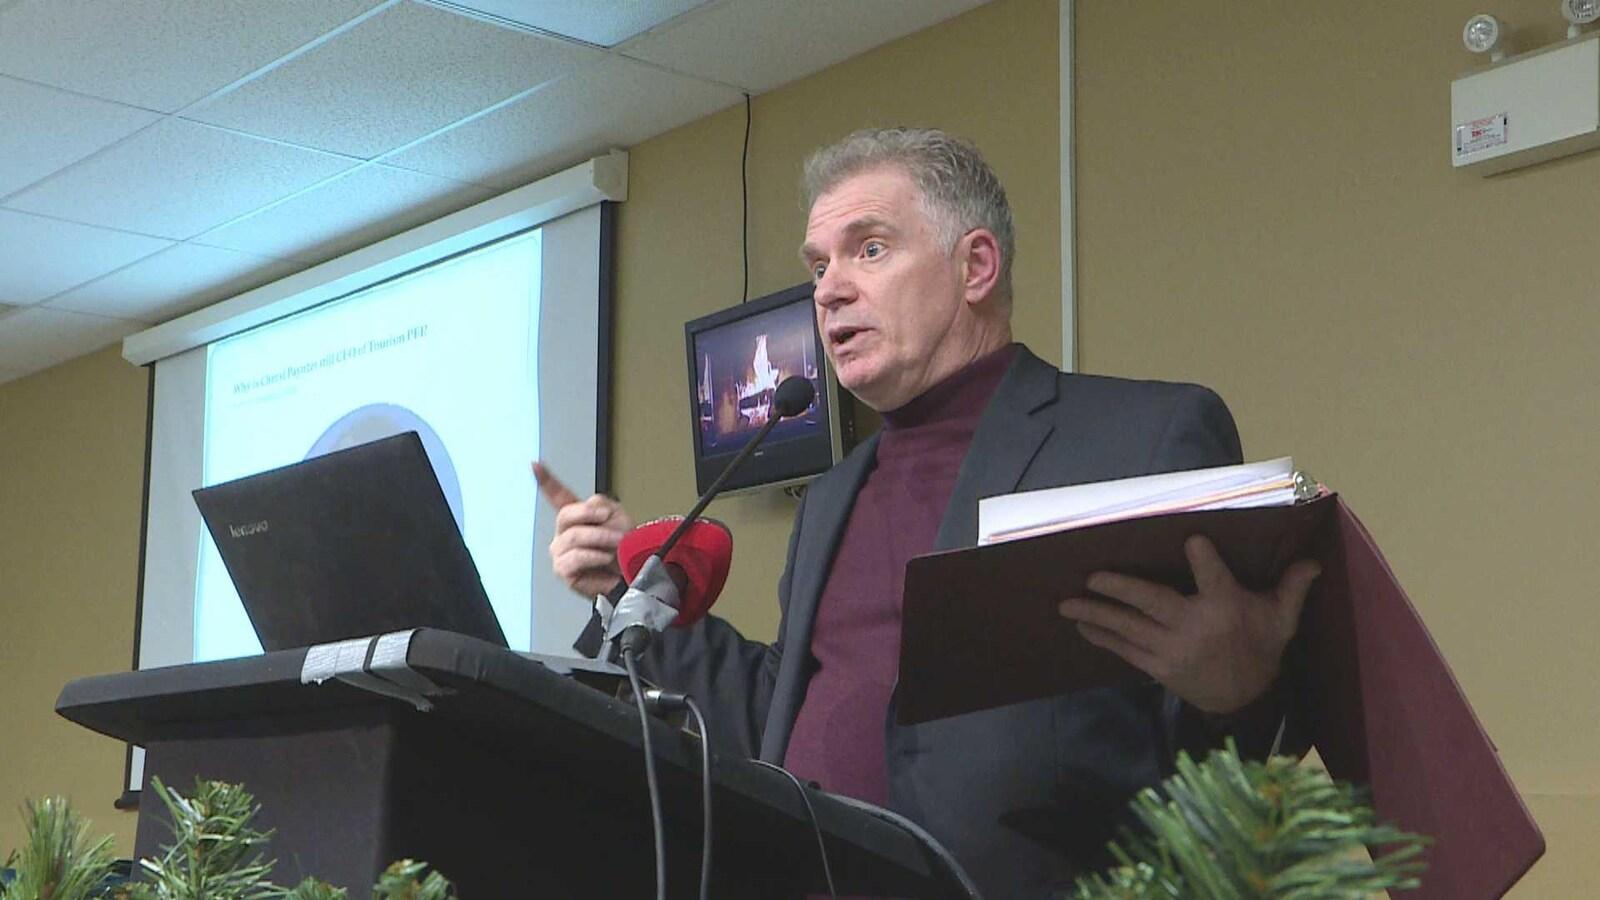 Kevin J. Arsenault annonce sa candidature à la direction du Parti progressiste-conservateur de l'Île-du-Prince-Édouard Charlottetown le 5 décembre 2018.